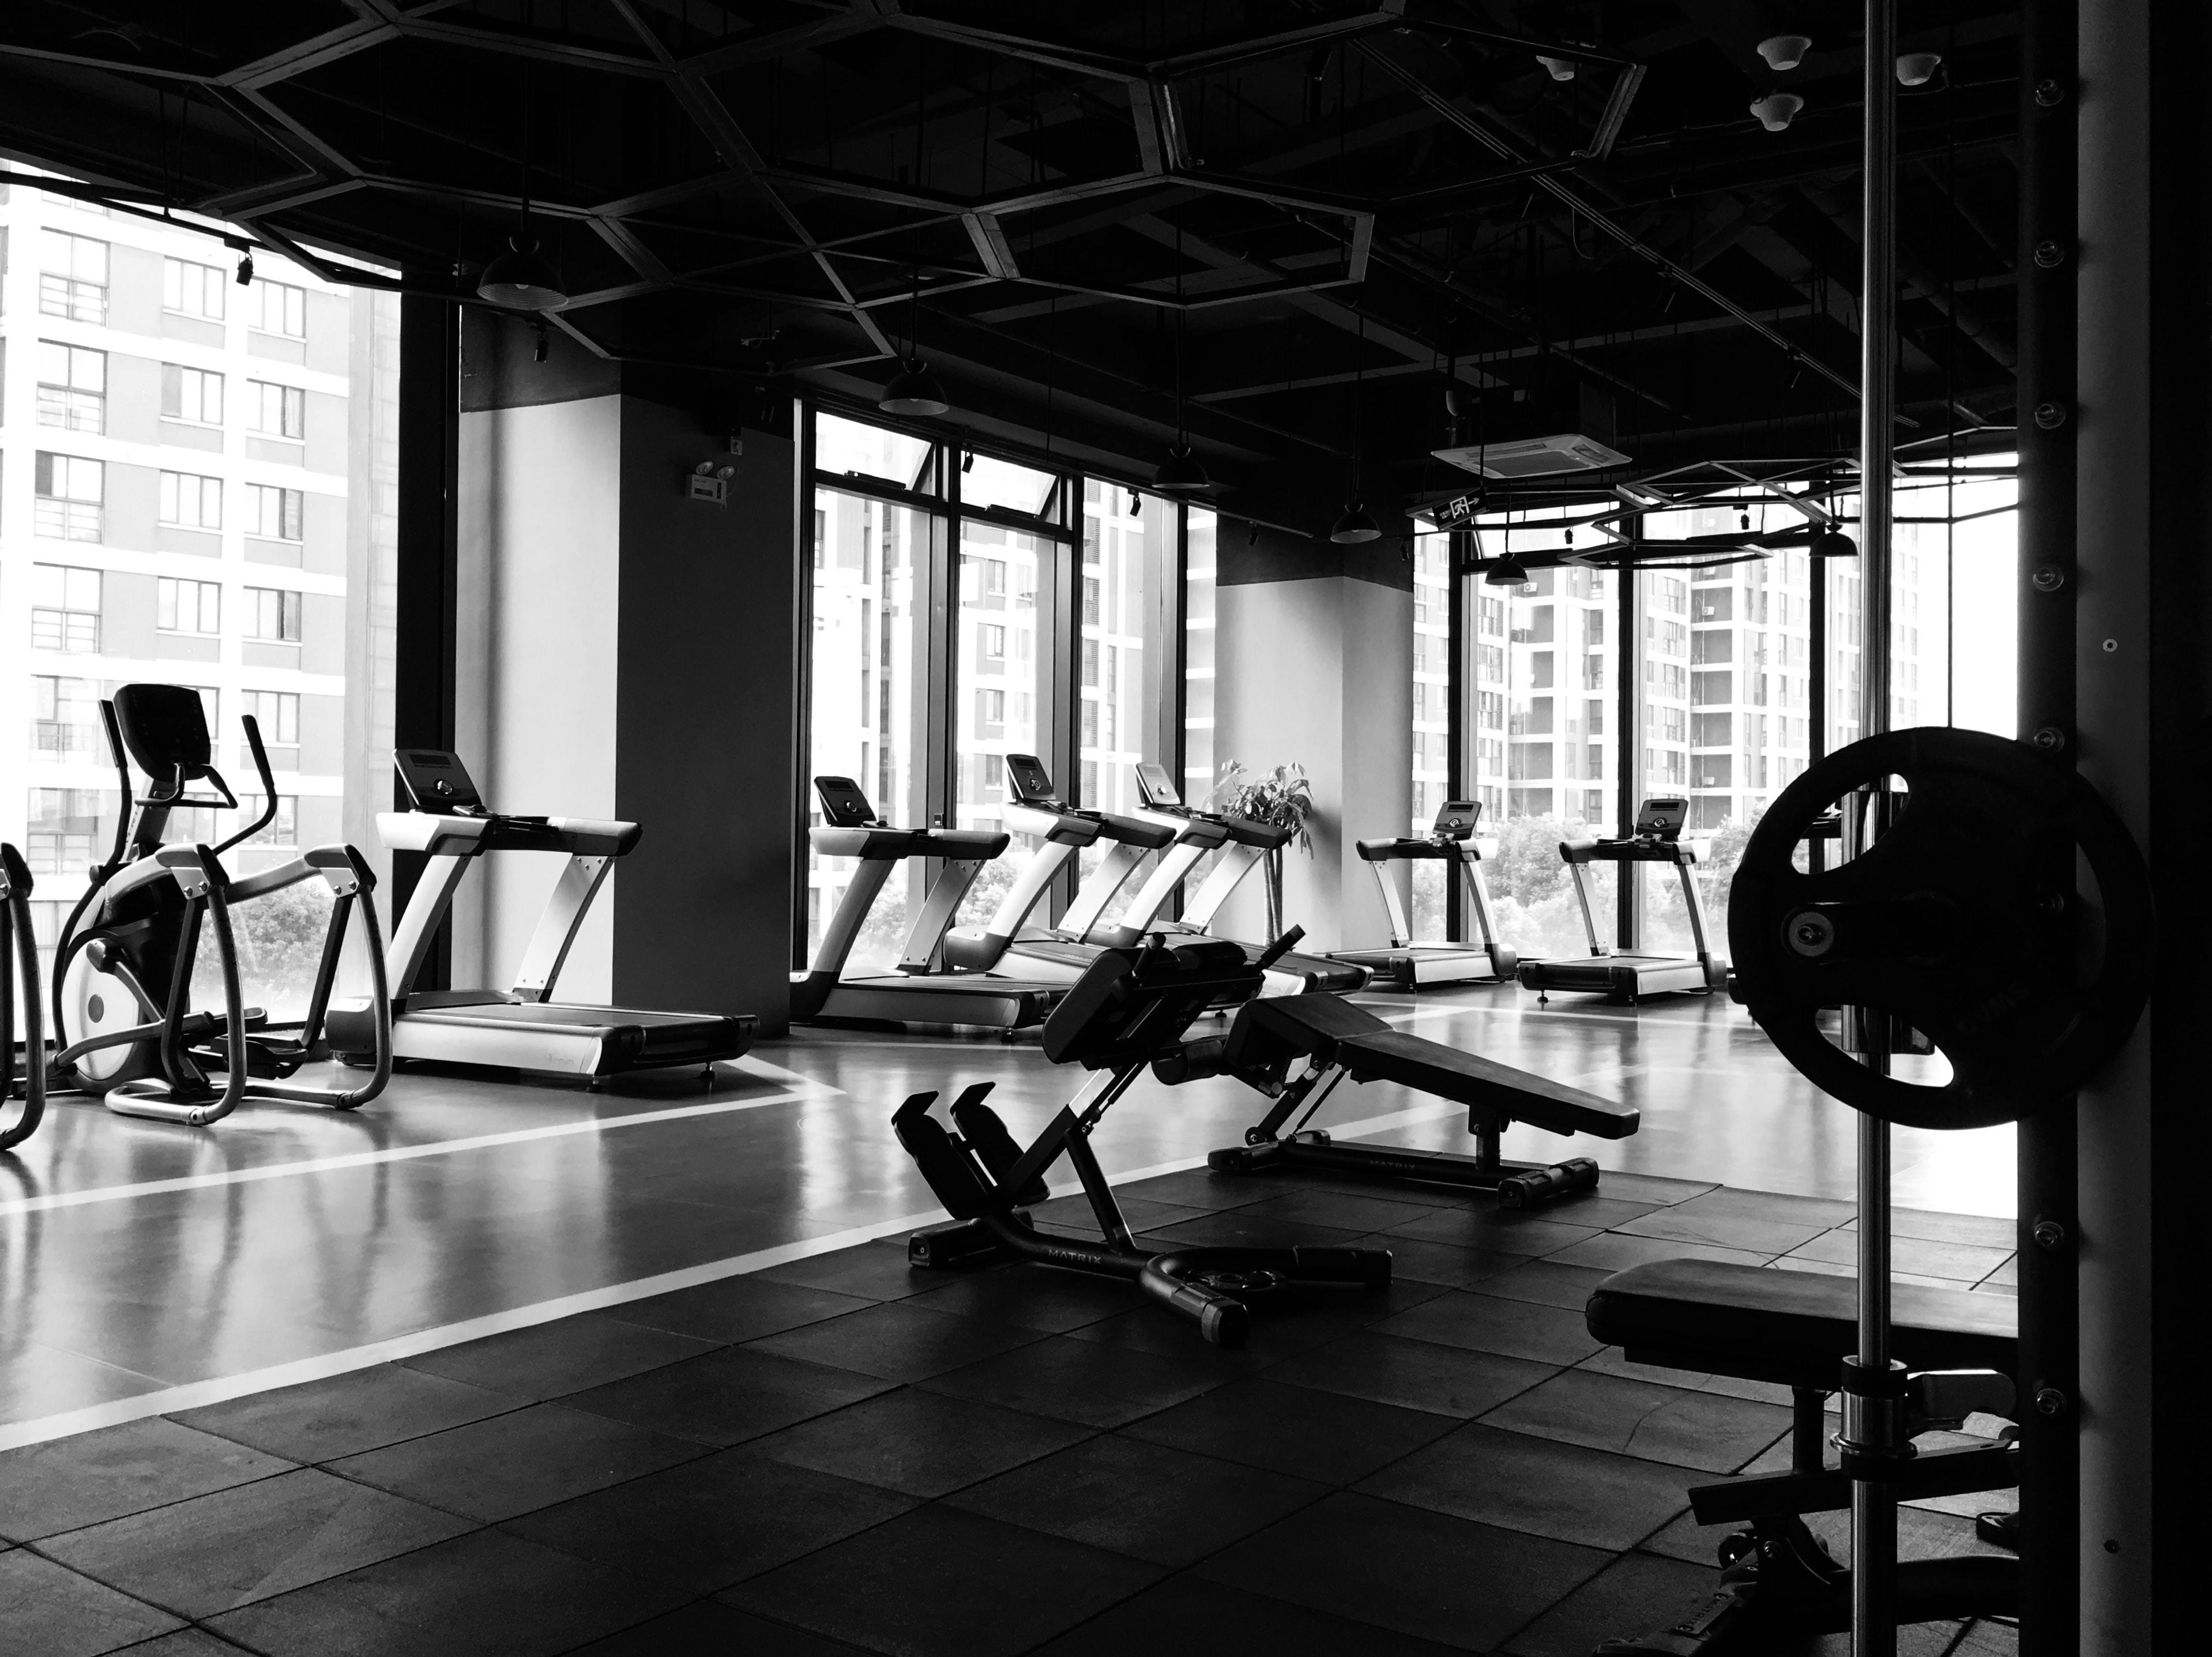 impeccable-melbourne-gym-1400-sqm-gymnasium-melbournes-north-vic